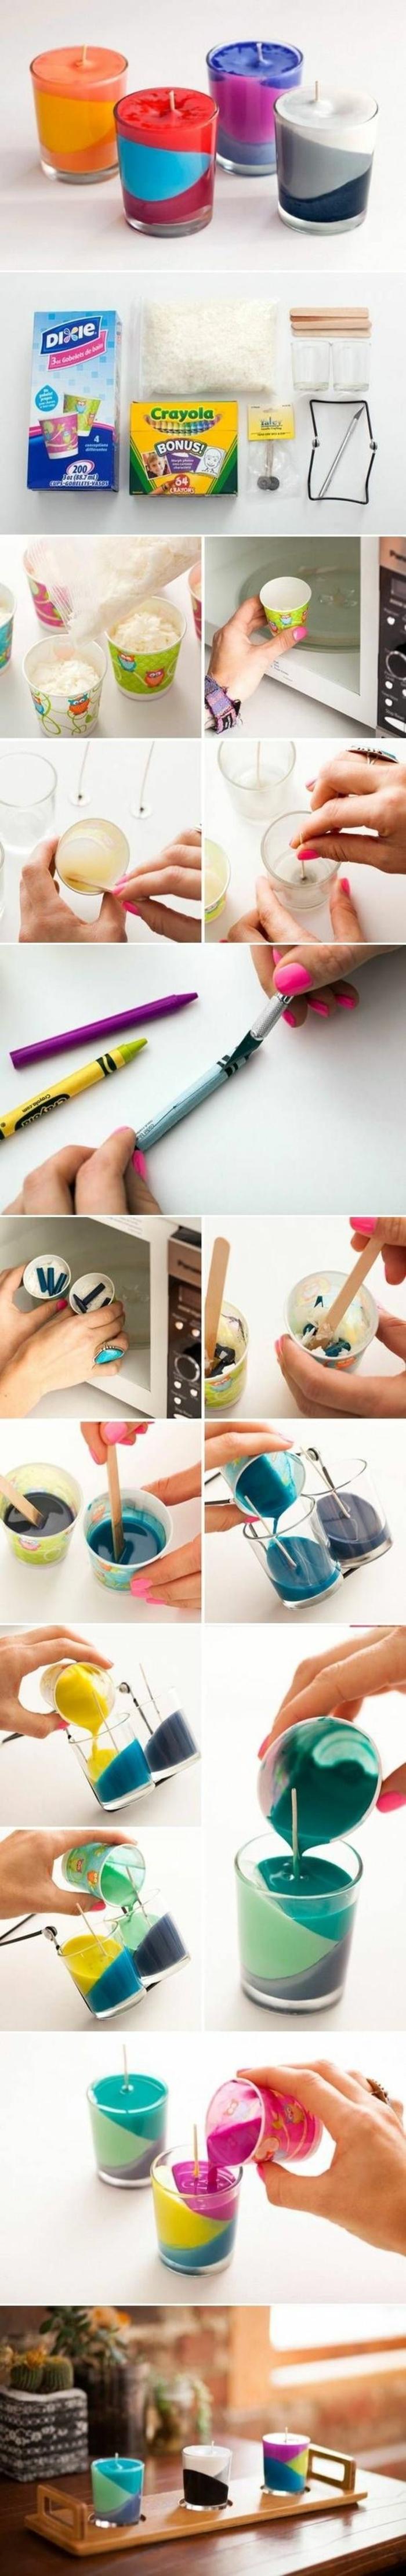 cómo hacer velas atractivas hechas a mano en más de un color, pasos para hacer velas DIY